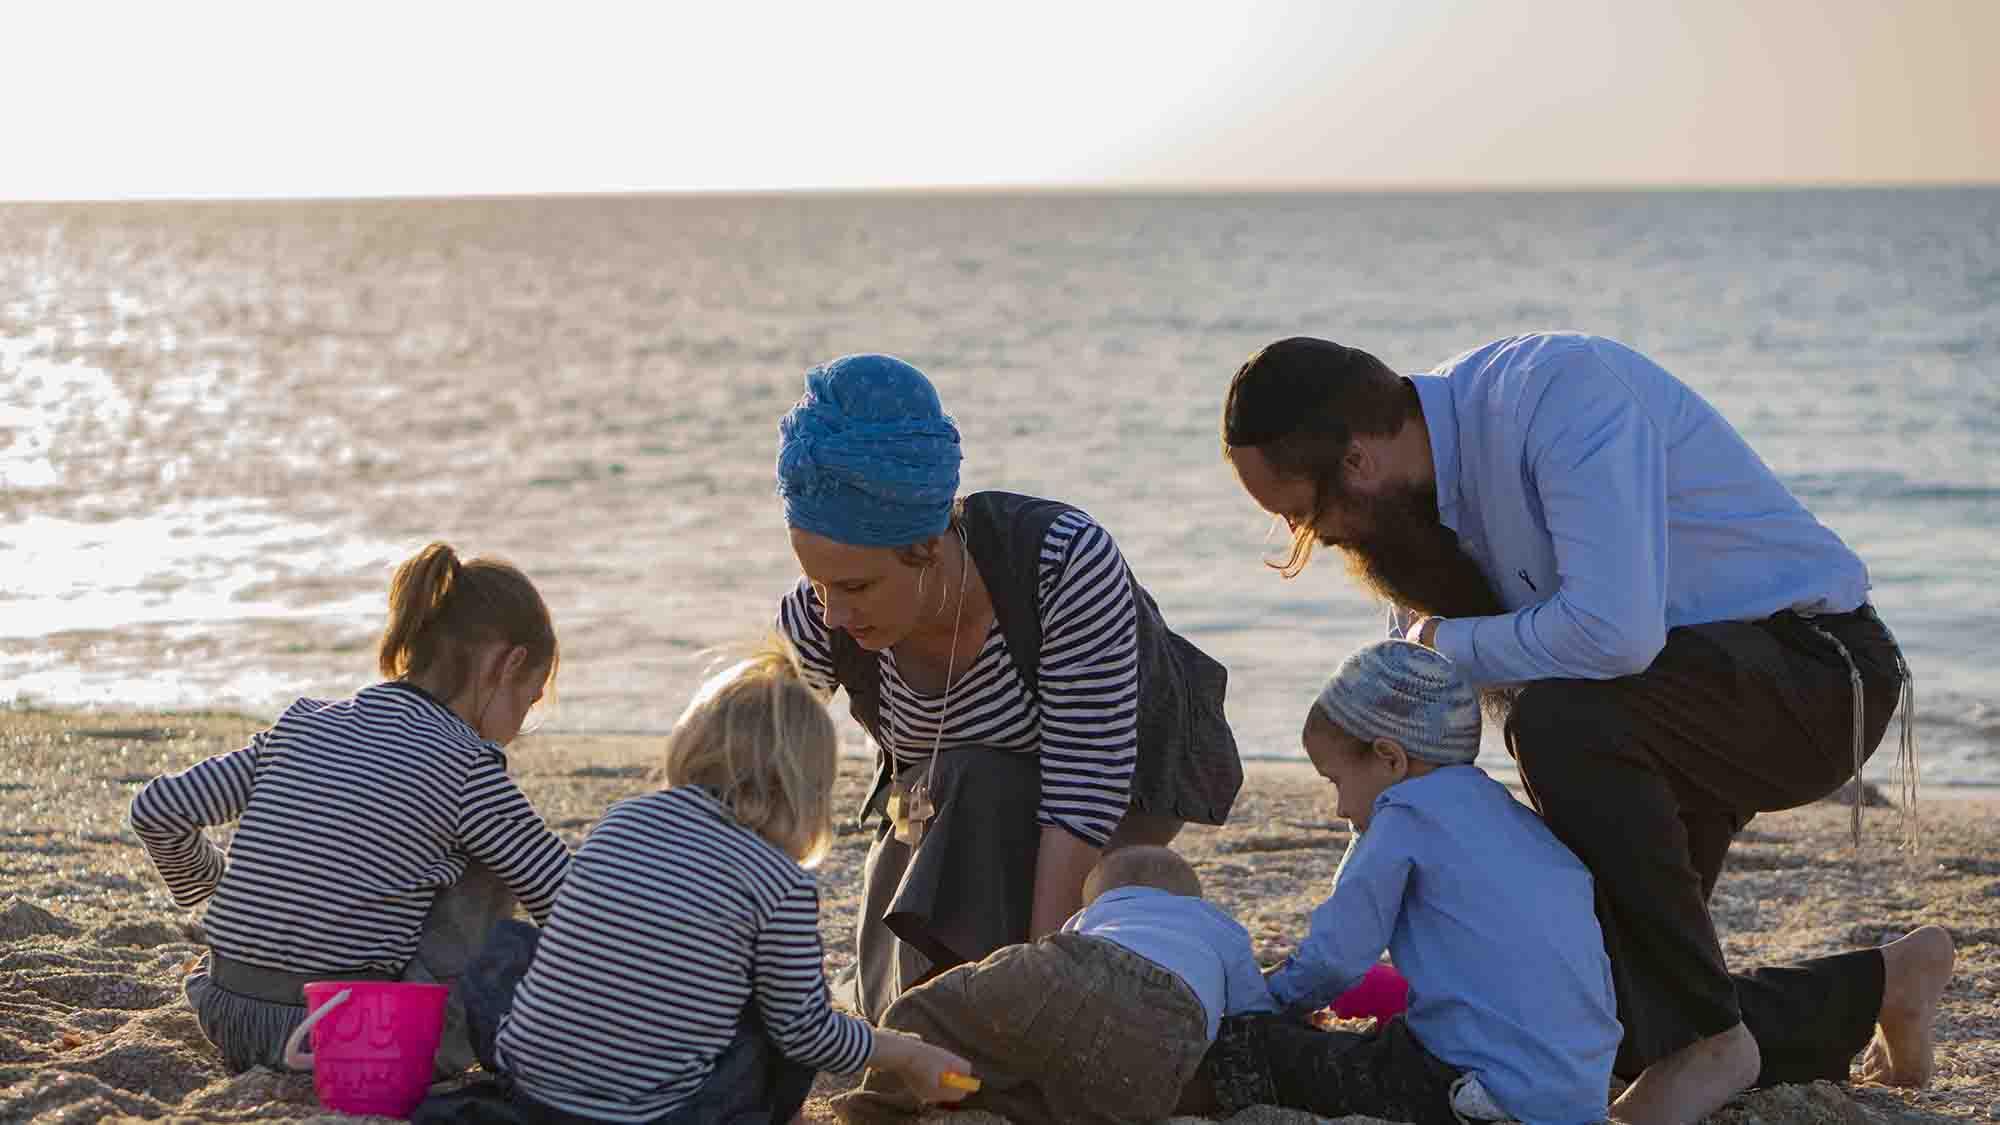 משפחת לאוקשטיין - לאה לאוקשטיין4 - Fashion Israel - 2020 חדשות אופנה 2020, כתבות אופנה 2020, טרנדים 2020, מגזין אופנה ישראלי, אופנה -